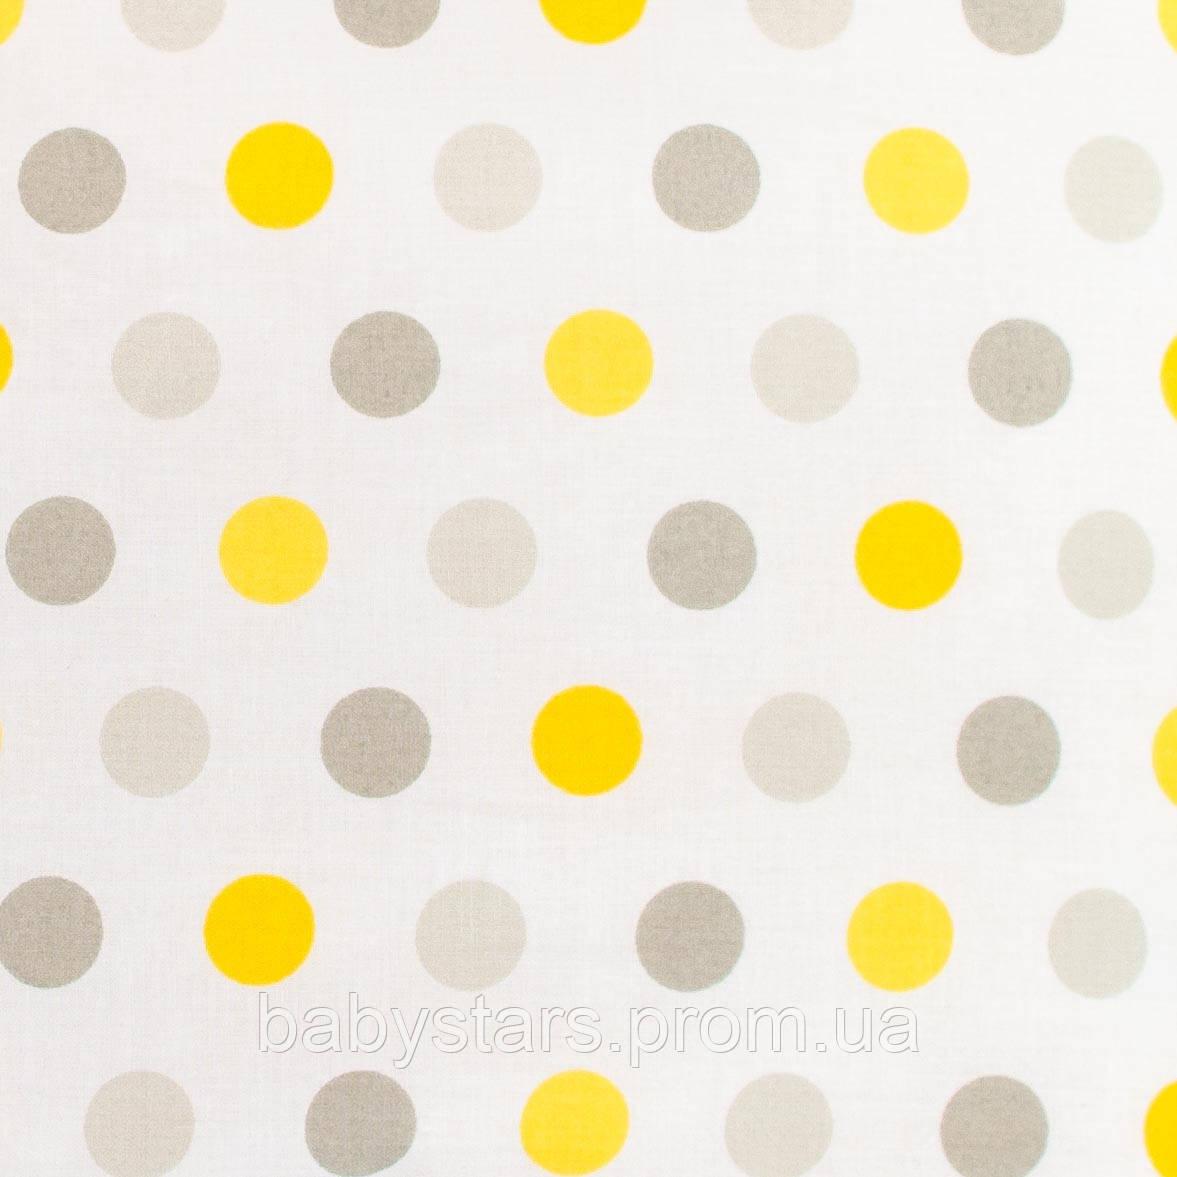 """Простынь на резинке в детскую кроватку, хлопок, 120 х 60 см, """"Горох серый и желтый"""""""